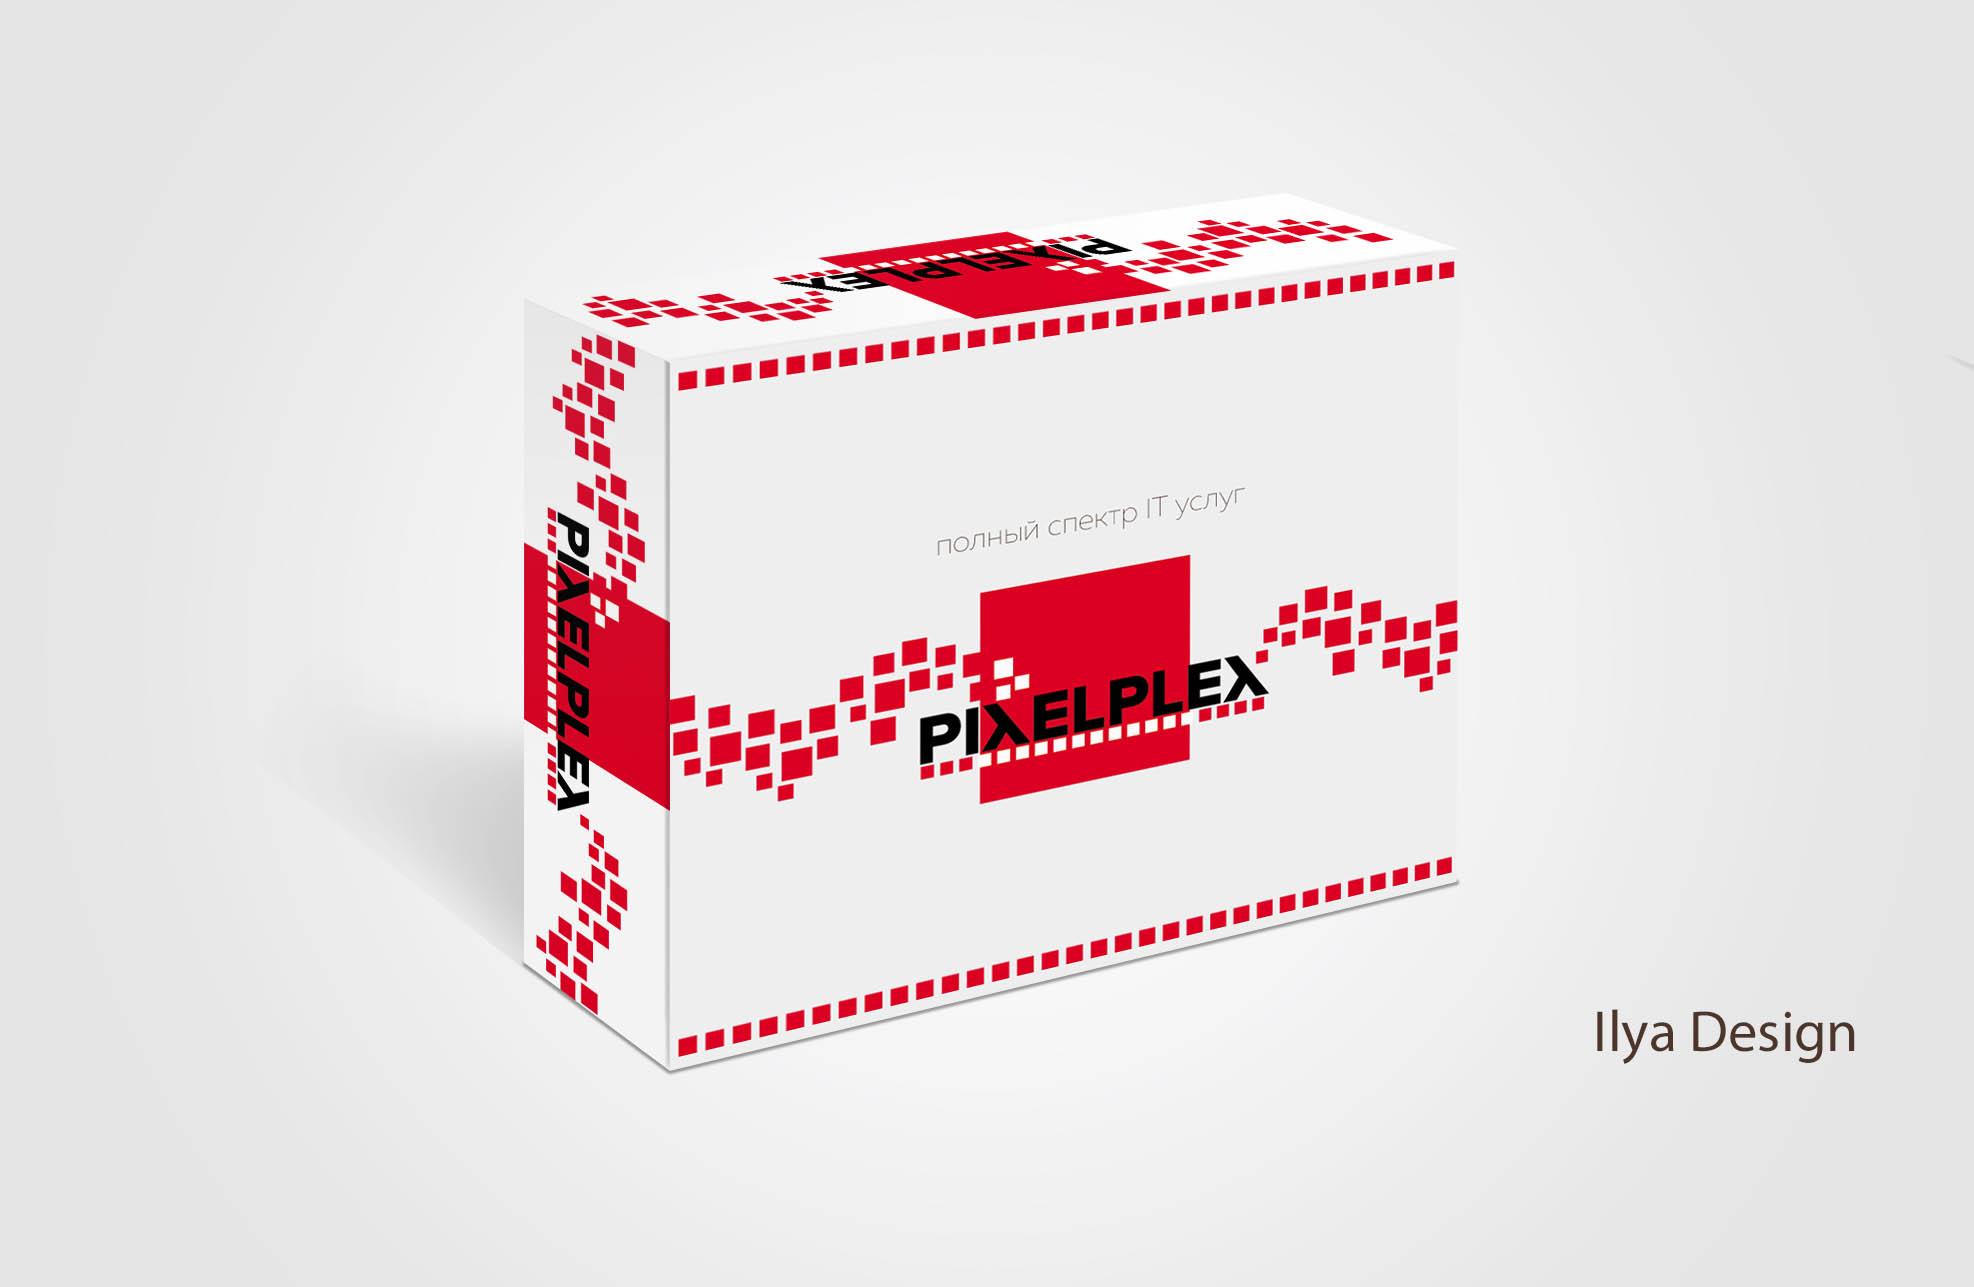 Креативная концепция и художественные варианты c логотипом фото f_199598c309060e14.jpg